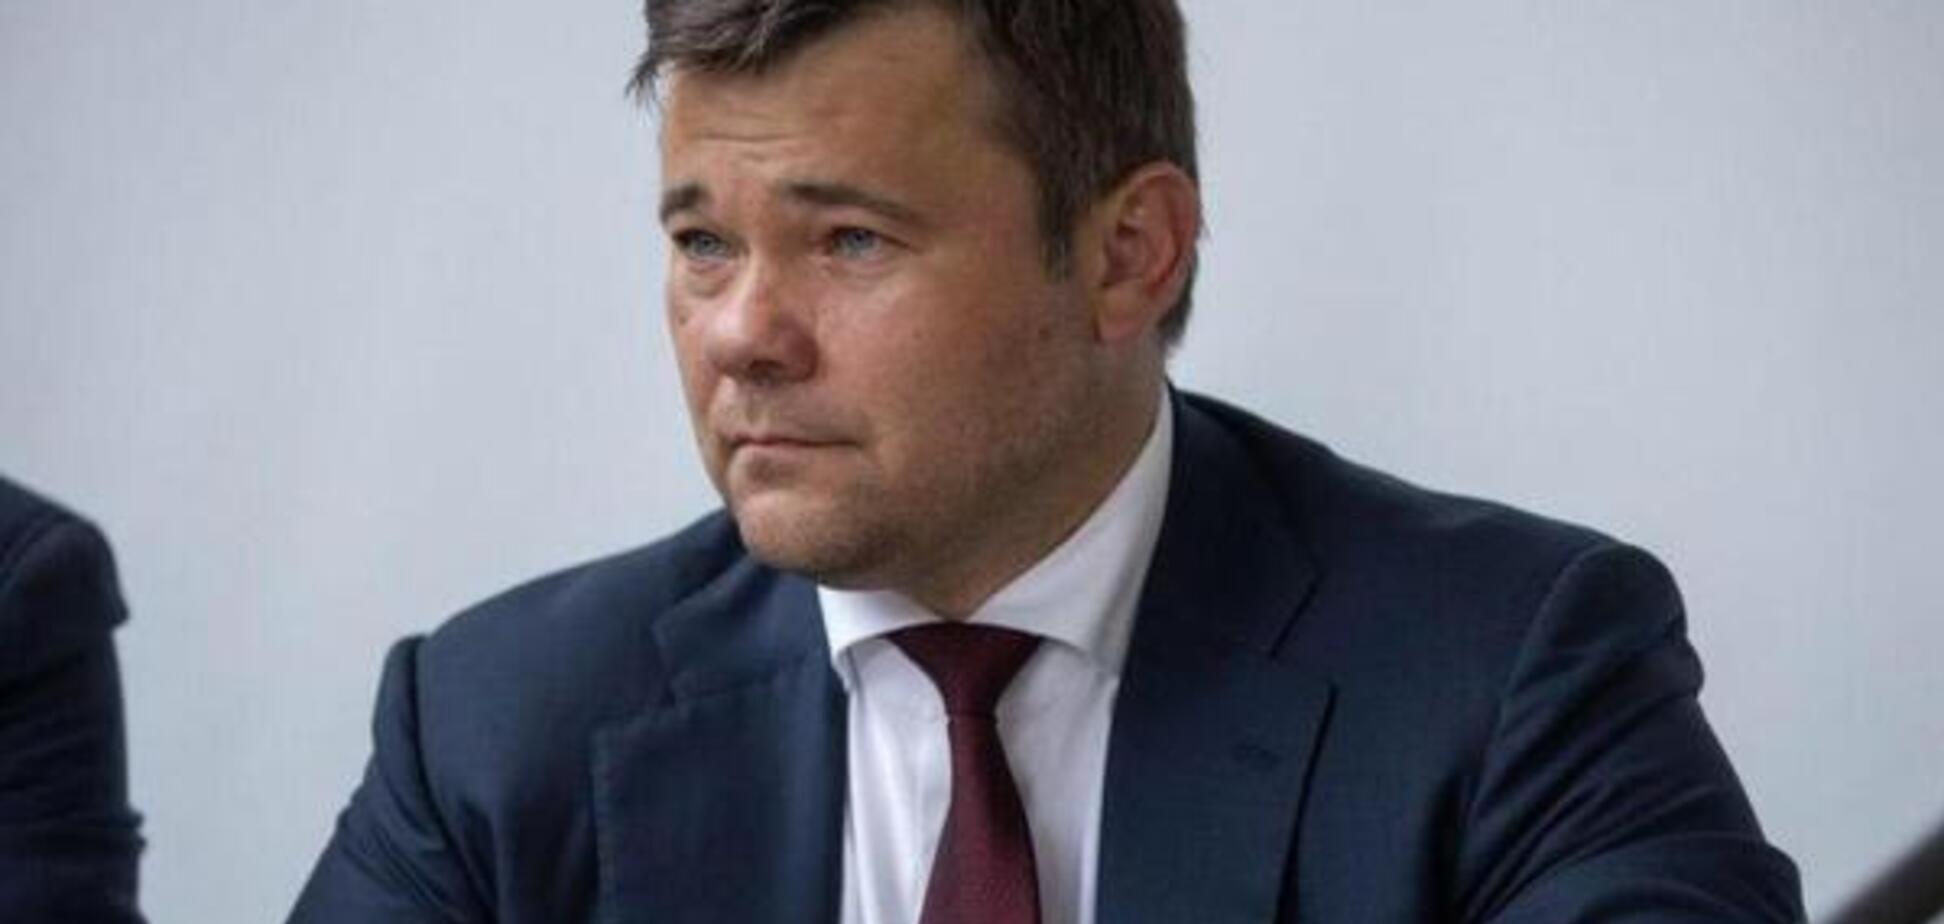 Богдан подав позов на журналістів: що відомо